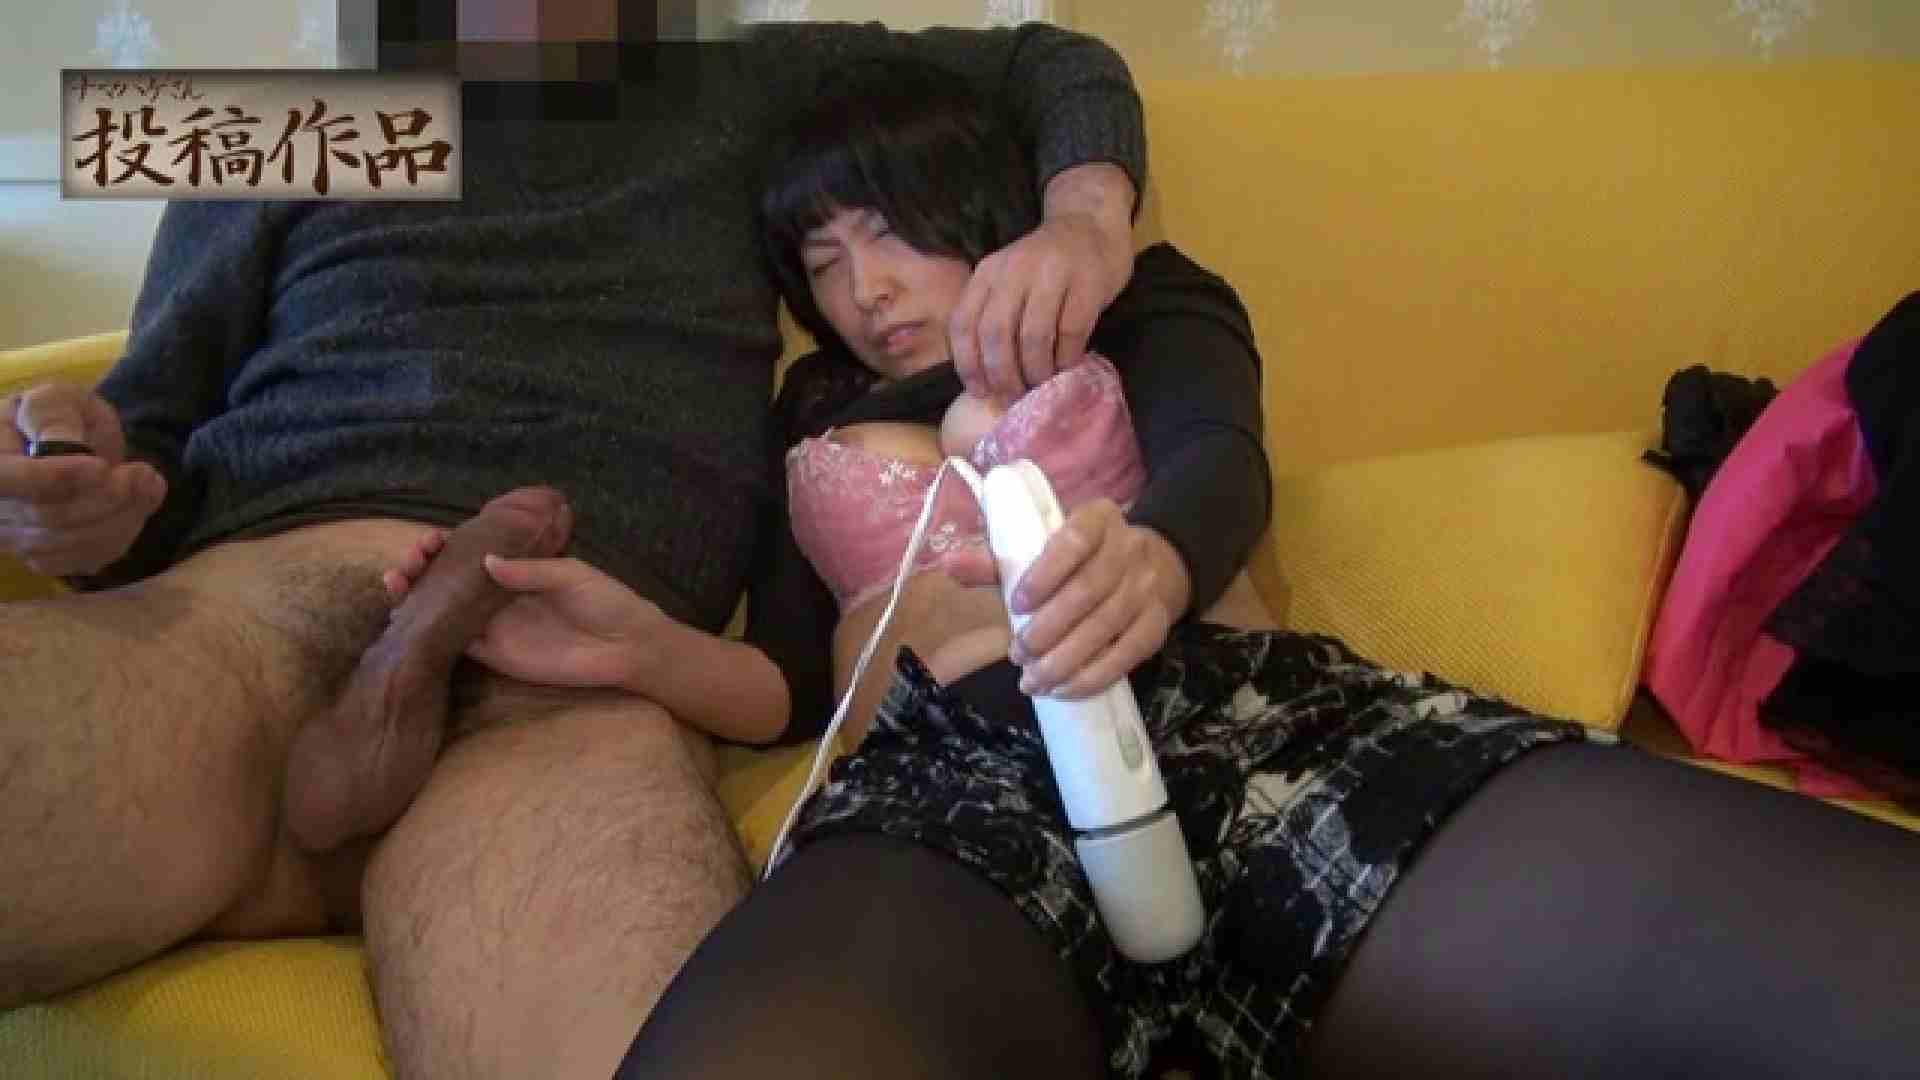 ナマハゲさんのまんこコレクション第二章 Ayaka 爆乳   投稿作品  59連発 11